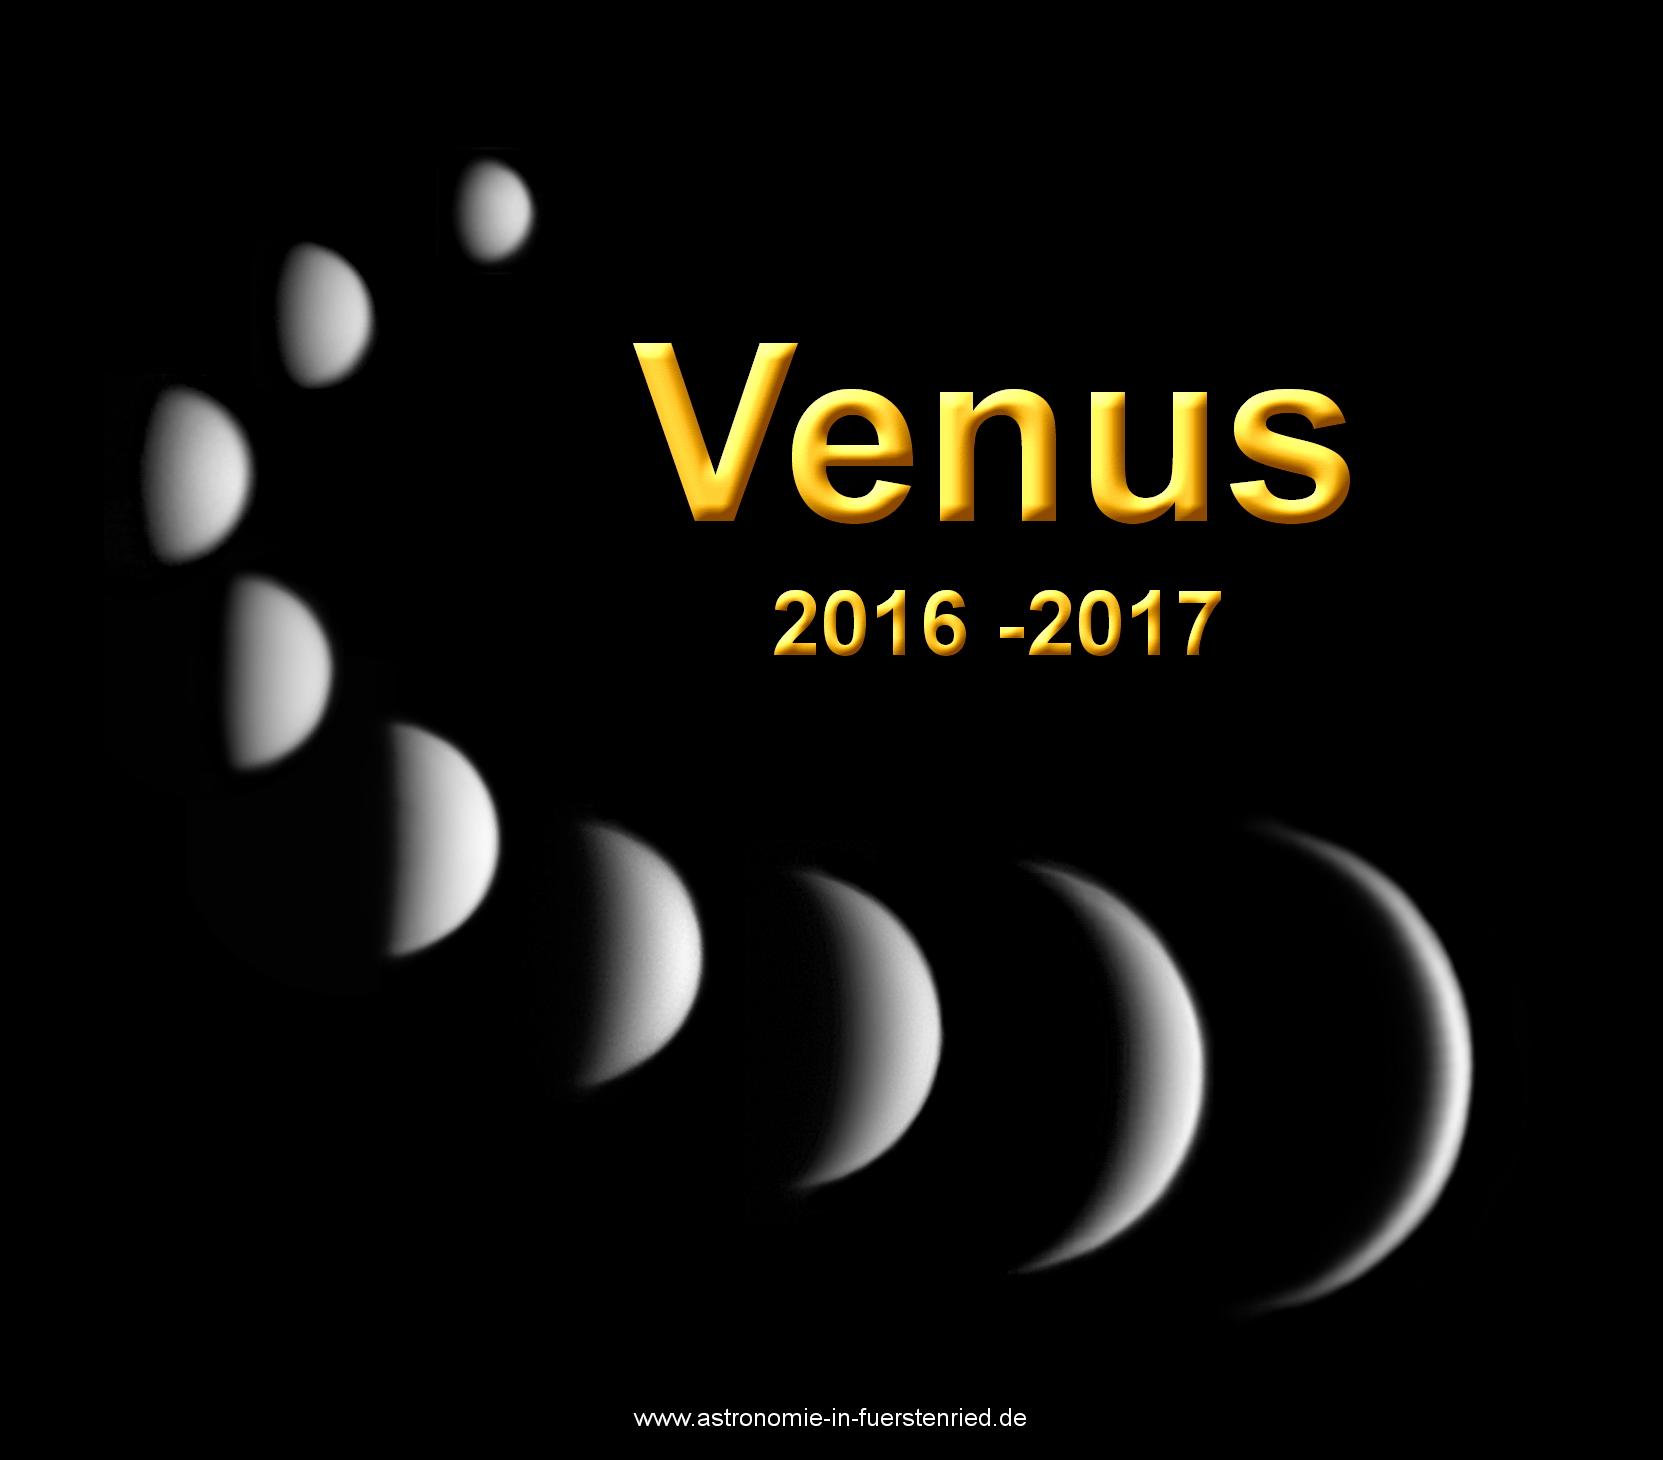 venus-2016_2017